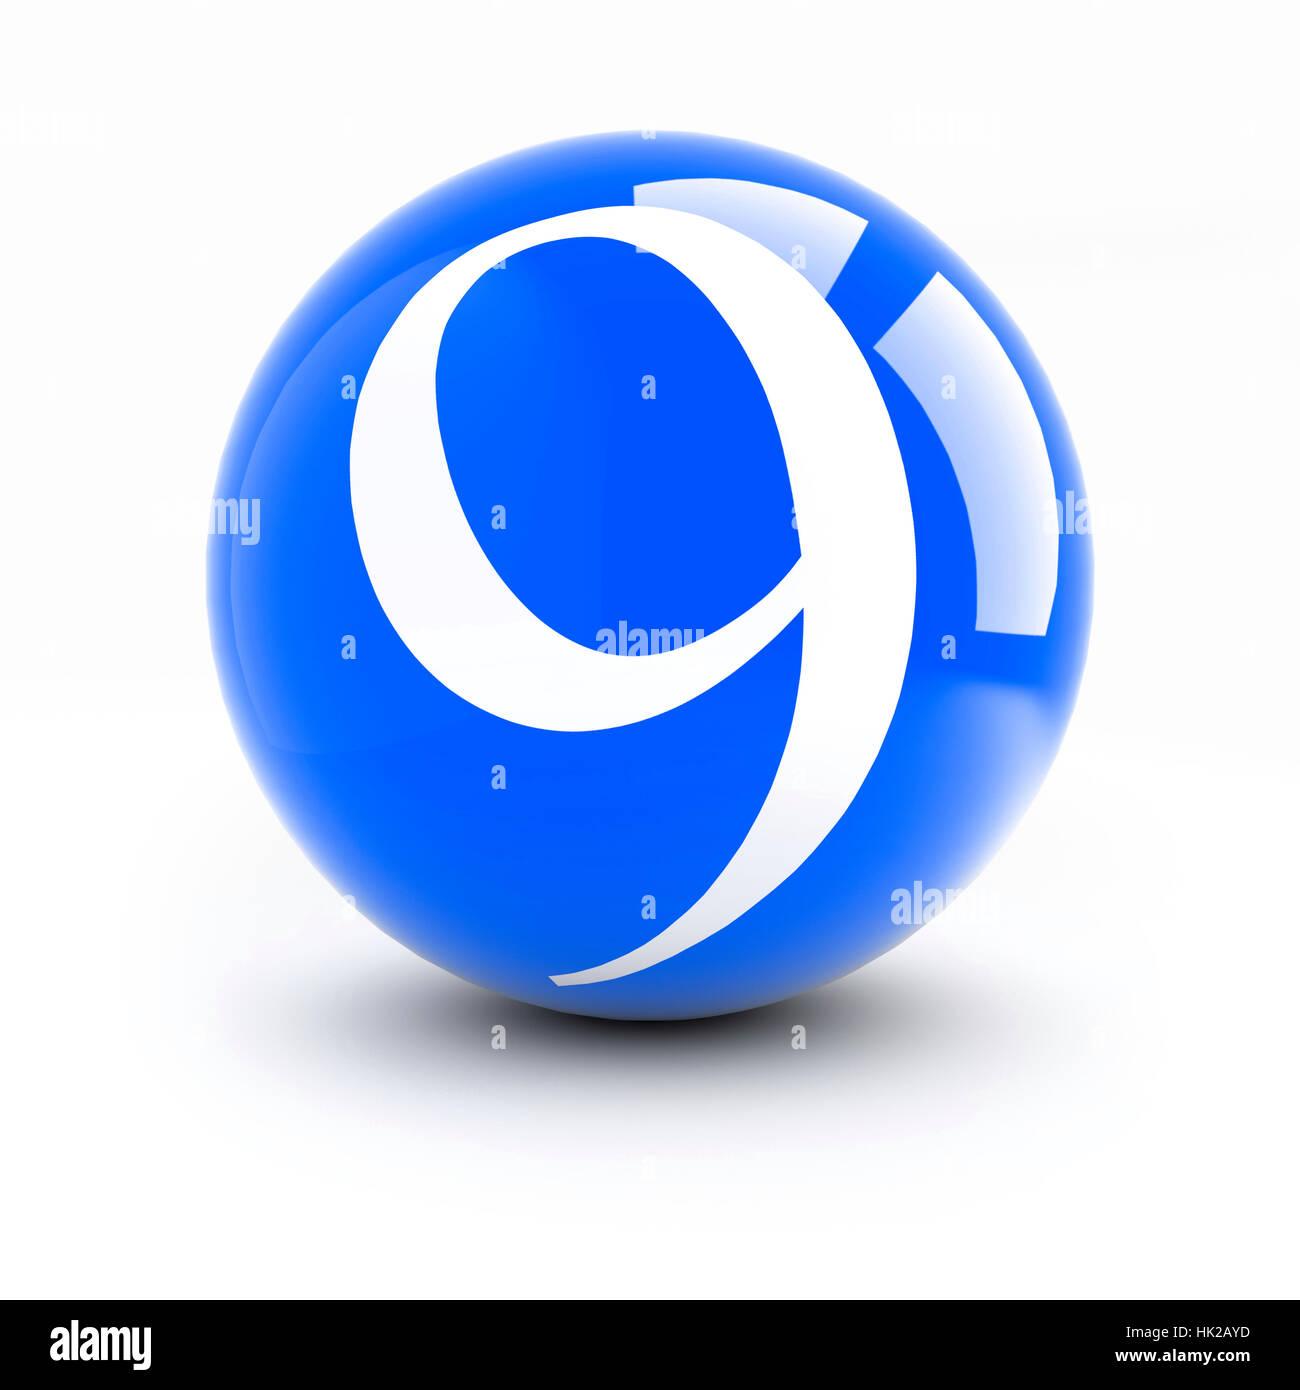 Número 9 en una bolas de color rojo brillante con reflejos aislado en blanco.  Imagen f43010fe2496e